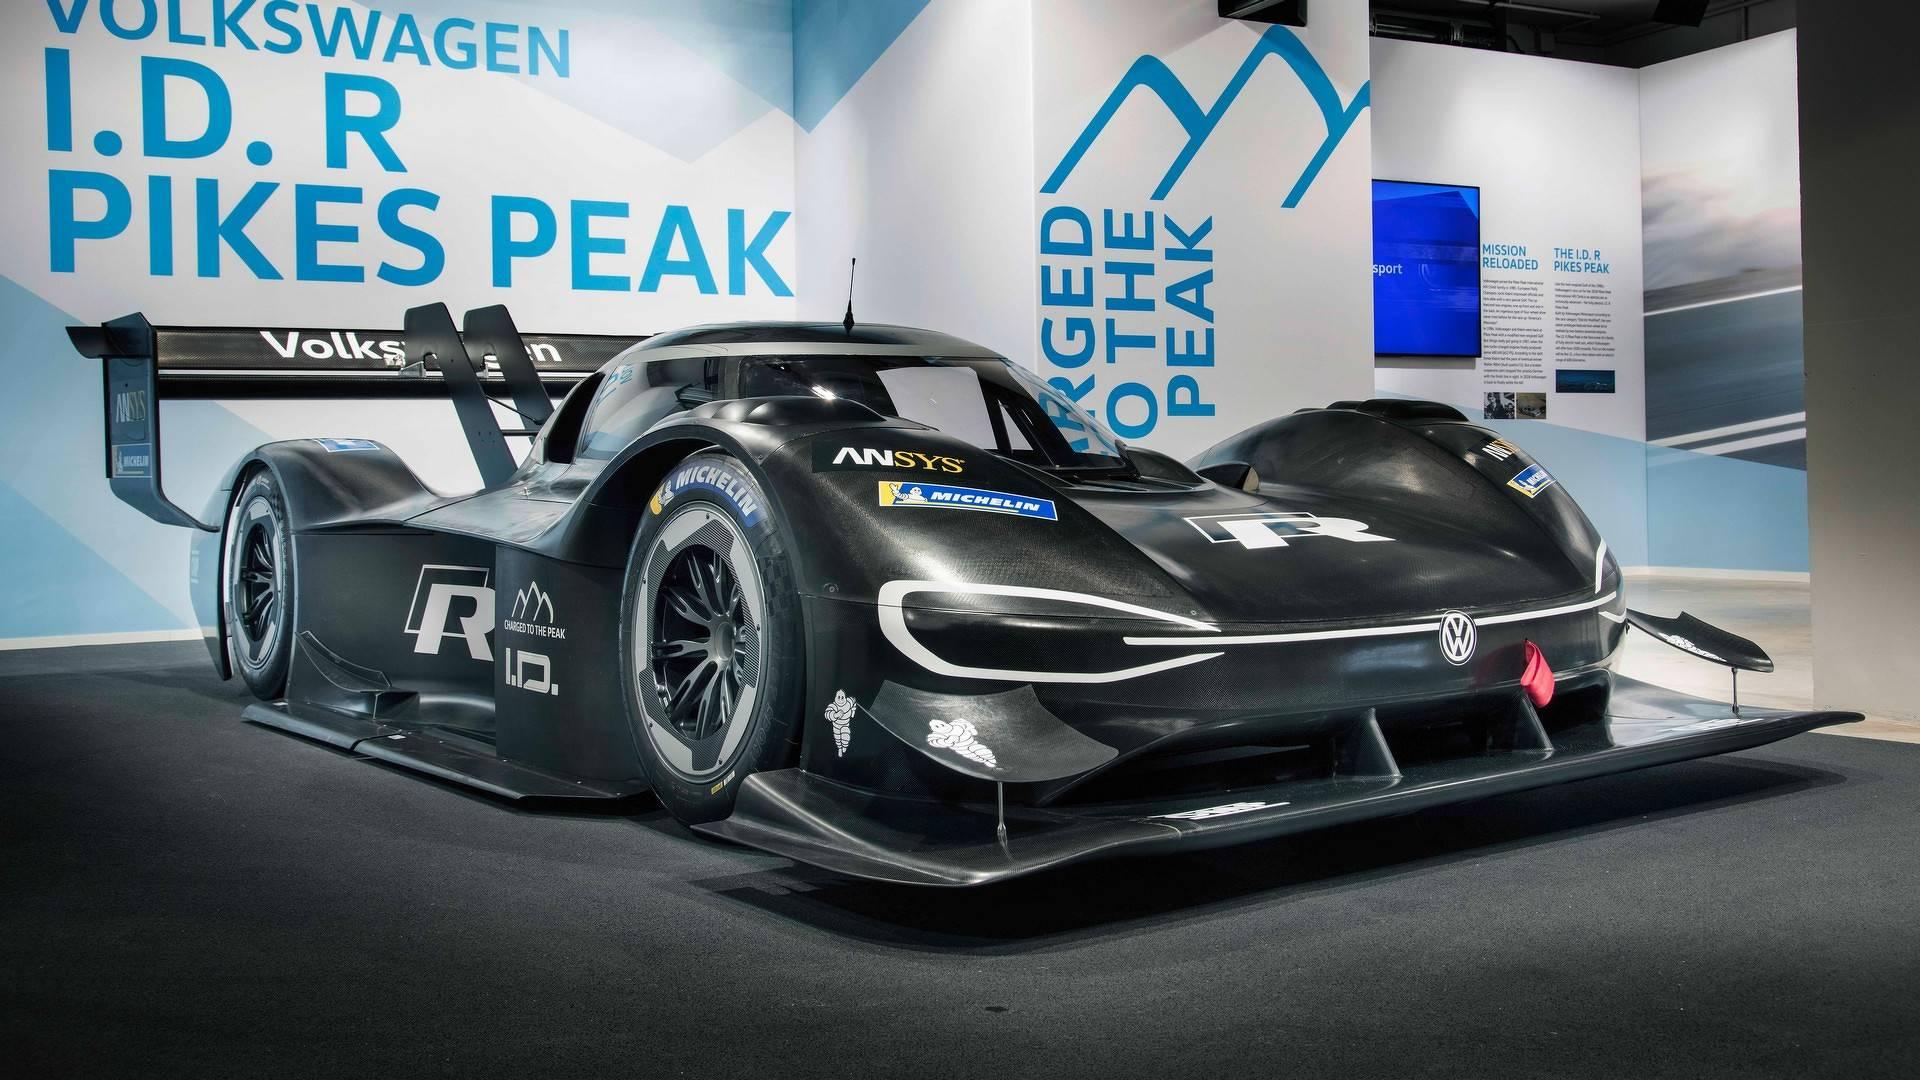 Volkswagen I.D. R Pikes Peak 2018